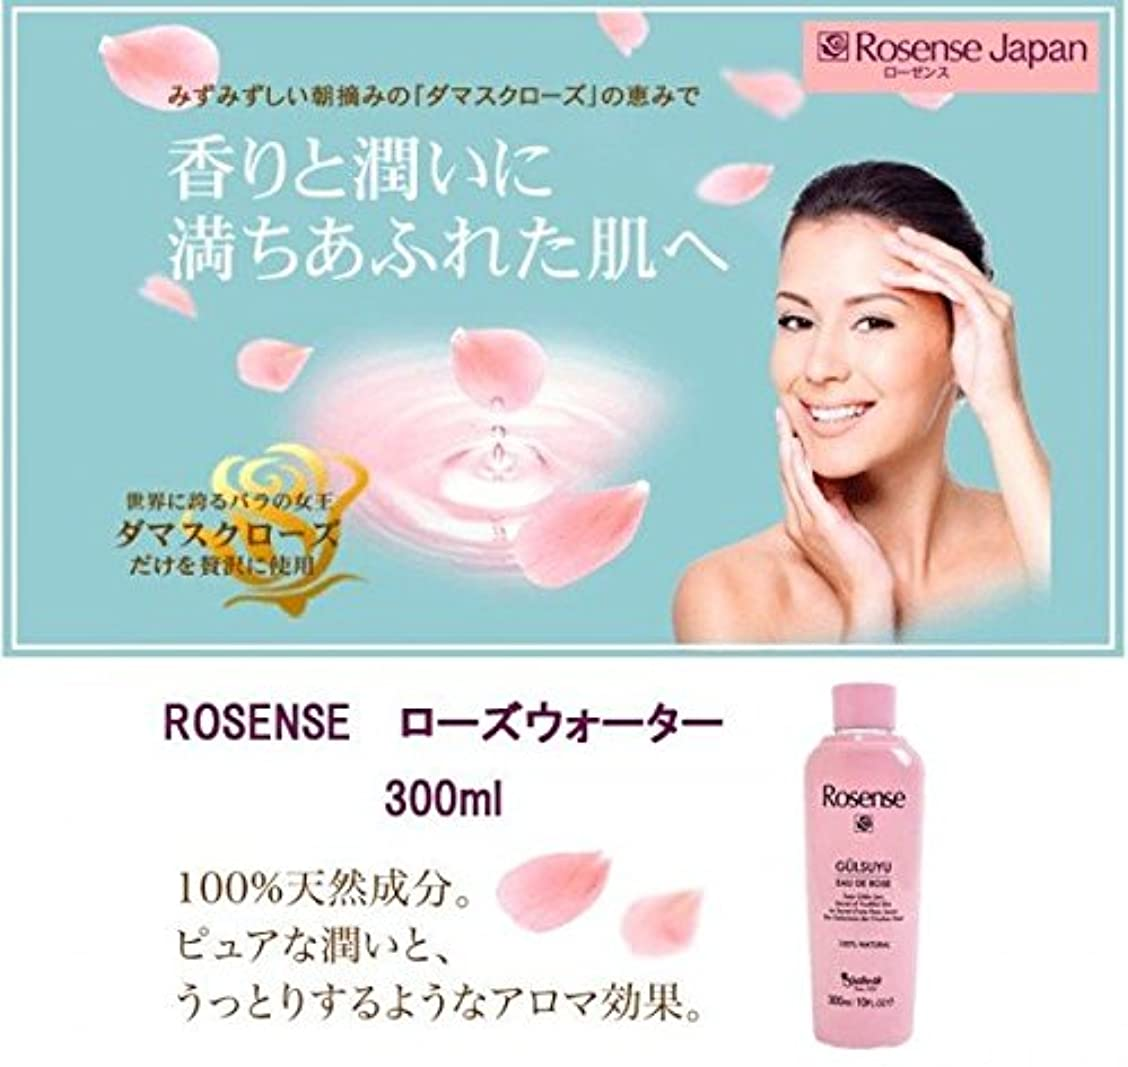 風が強いやりがいのあるドローROSENSE ローズウォーター 300ml バラの芳醇な香りに包まれながら お肌を整えます